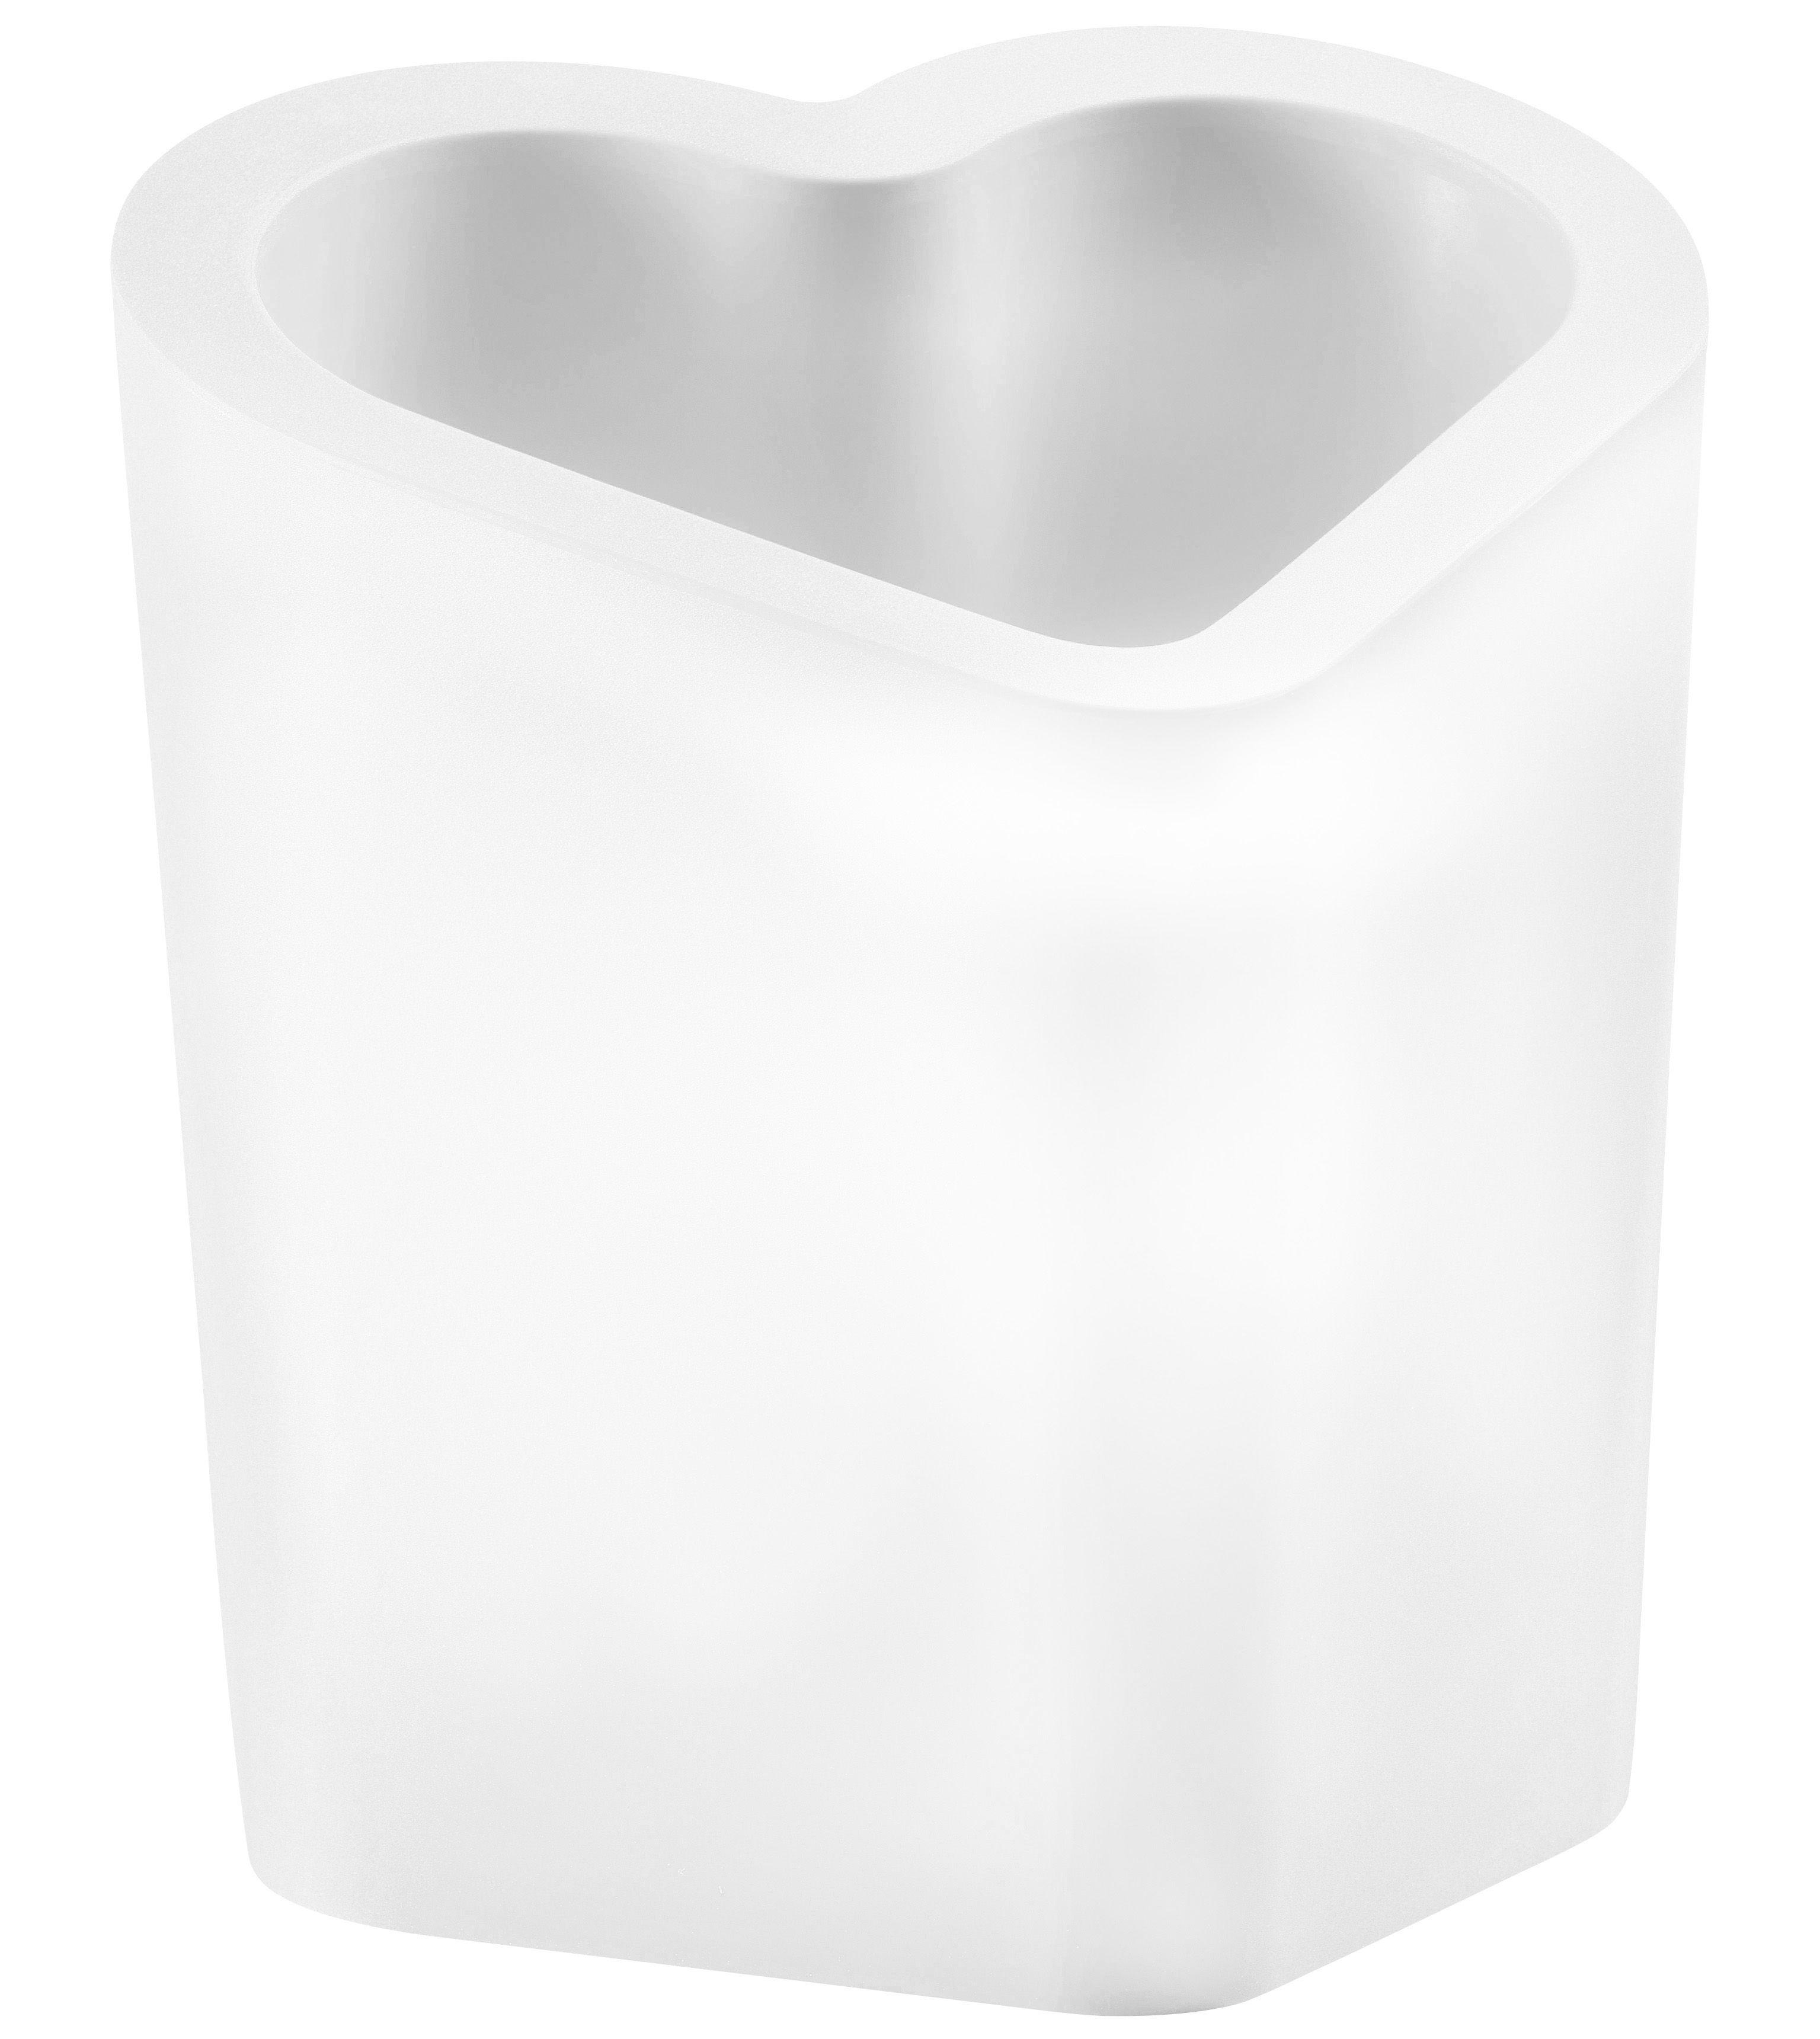 Mobilier - Mobilier lumineux - Porte-bouteilles lumineux Mon Amour - Slide - Blanc - Extérieur - polyéthène recyclable